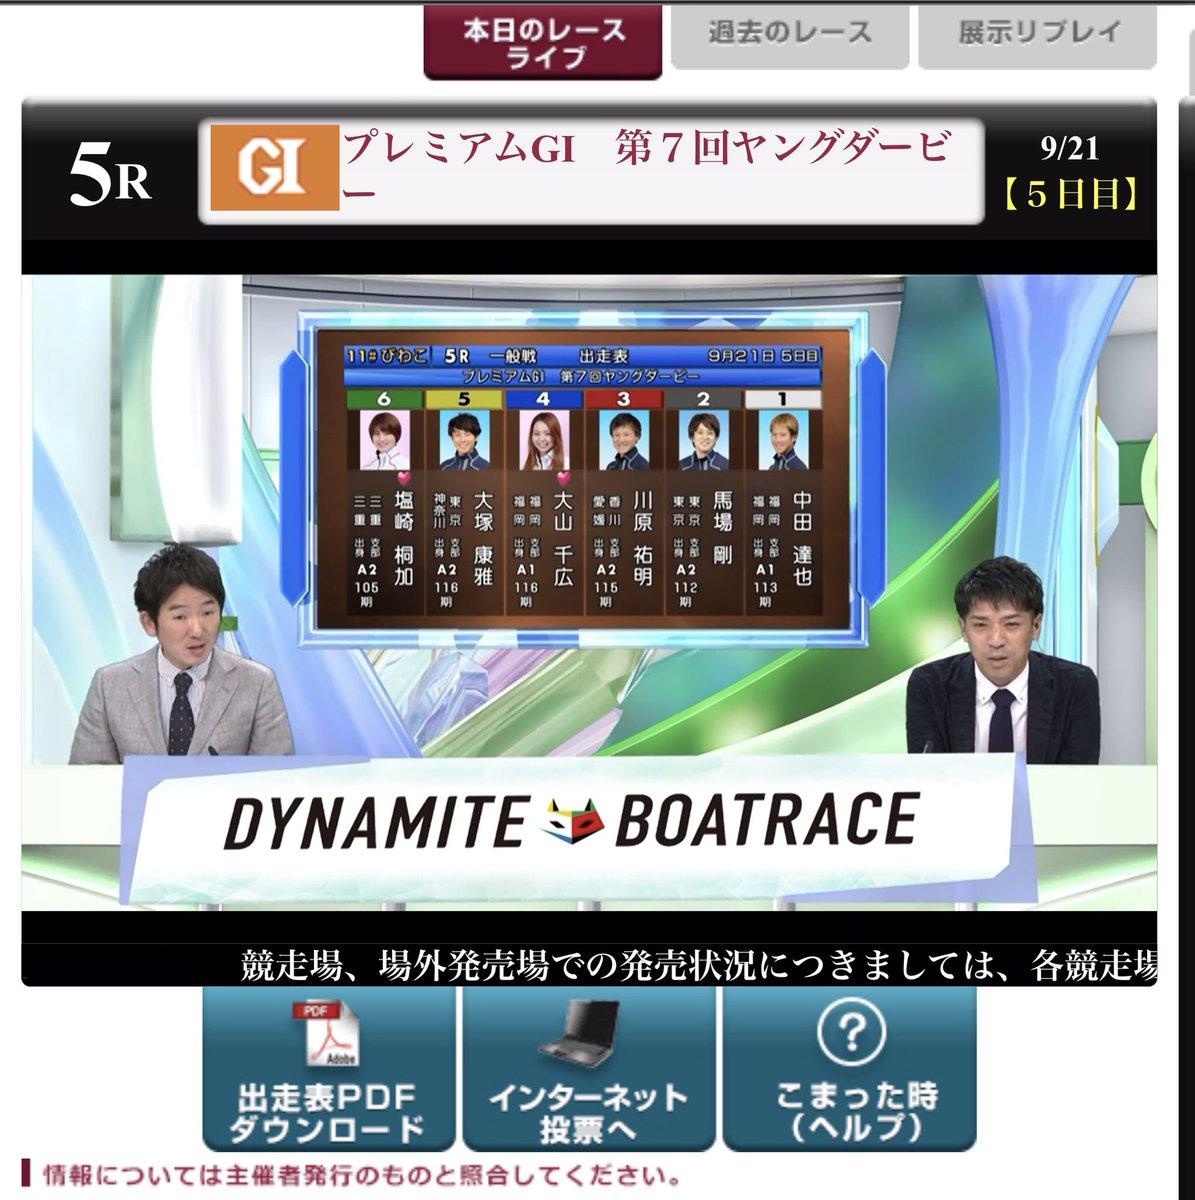 琵琶湖ボートリプレイ